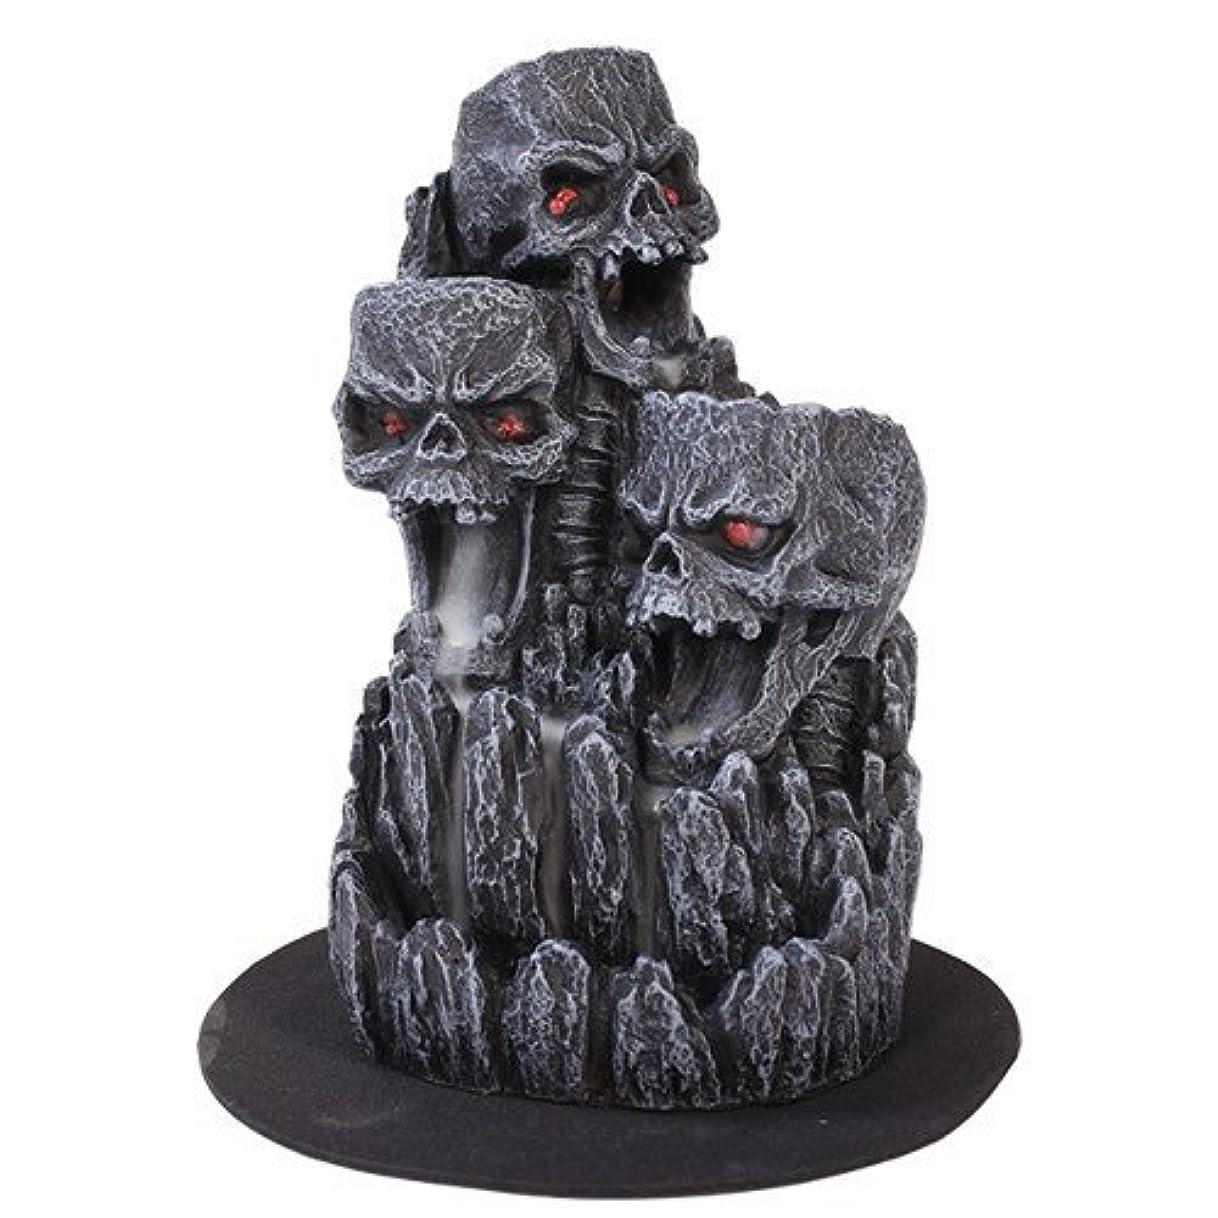 根拠オプションアカデミーゴシックスカル(お香立て)マウンテンタワー オブジェ Gothic Skull Backflow Incense Tower